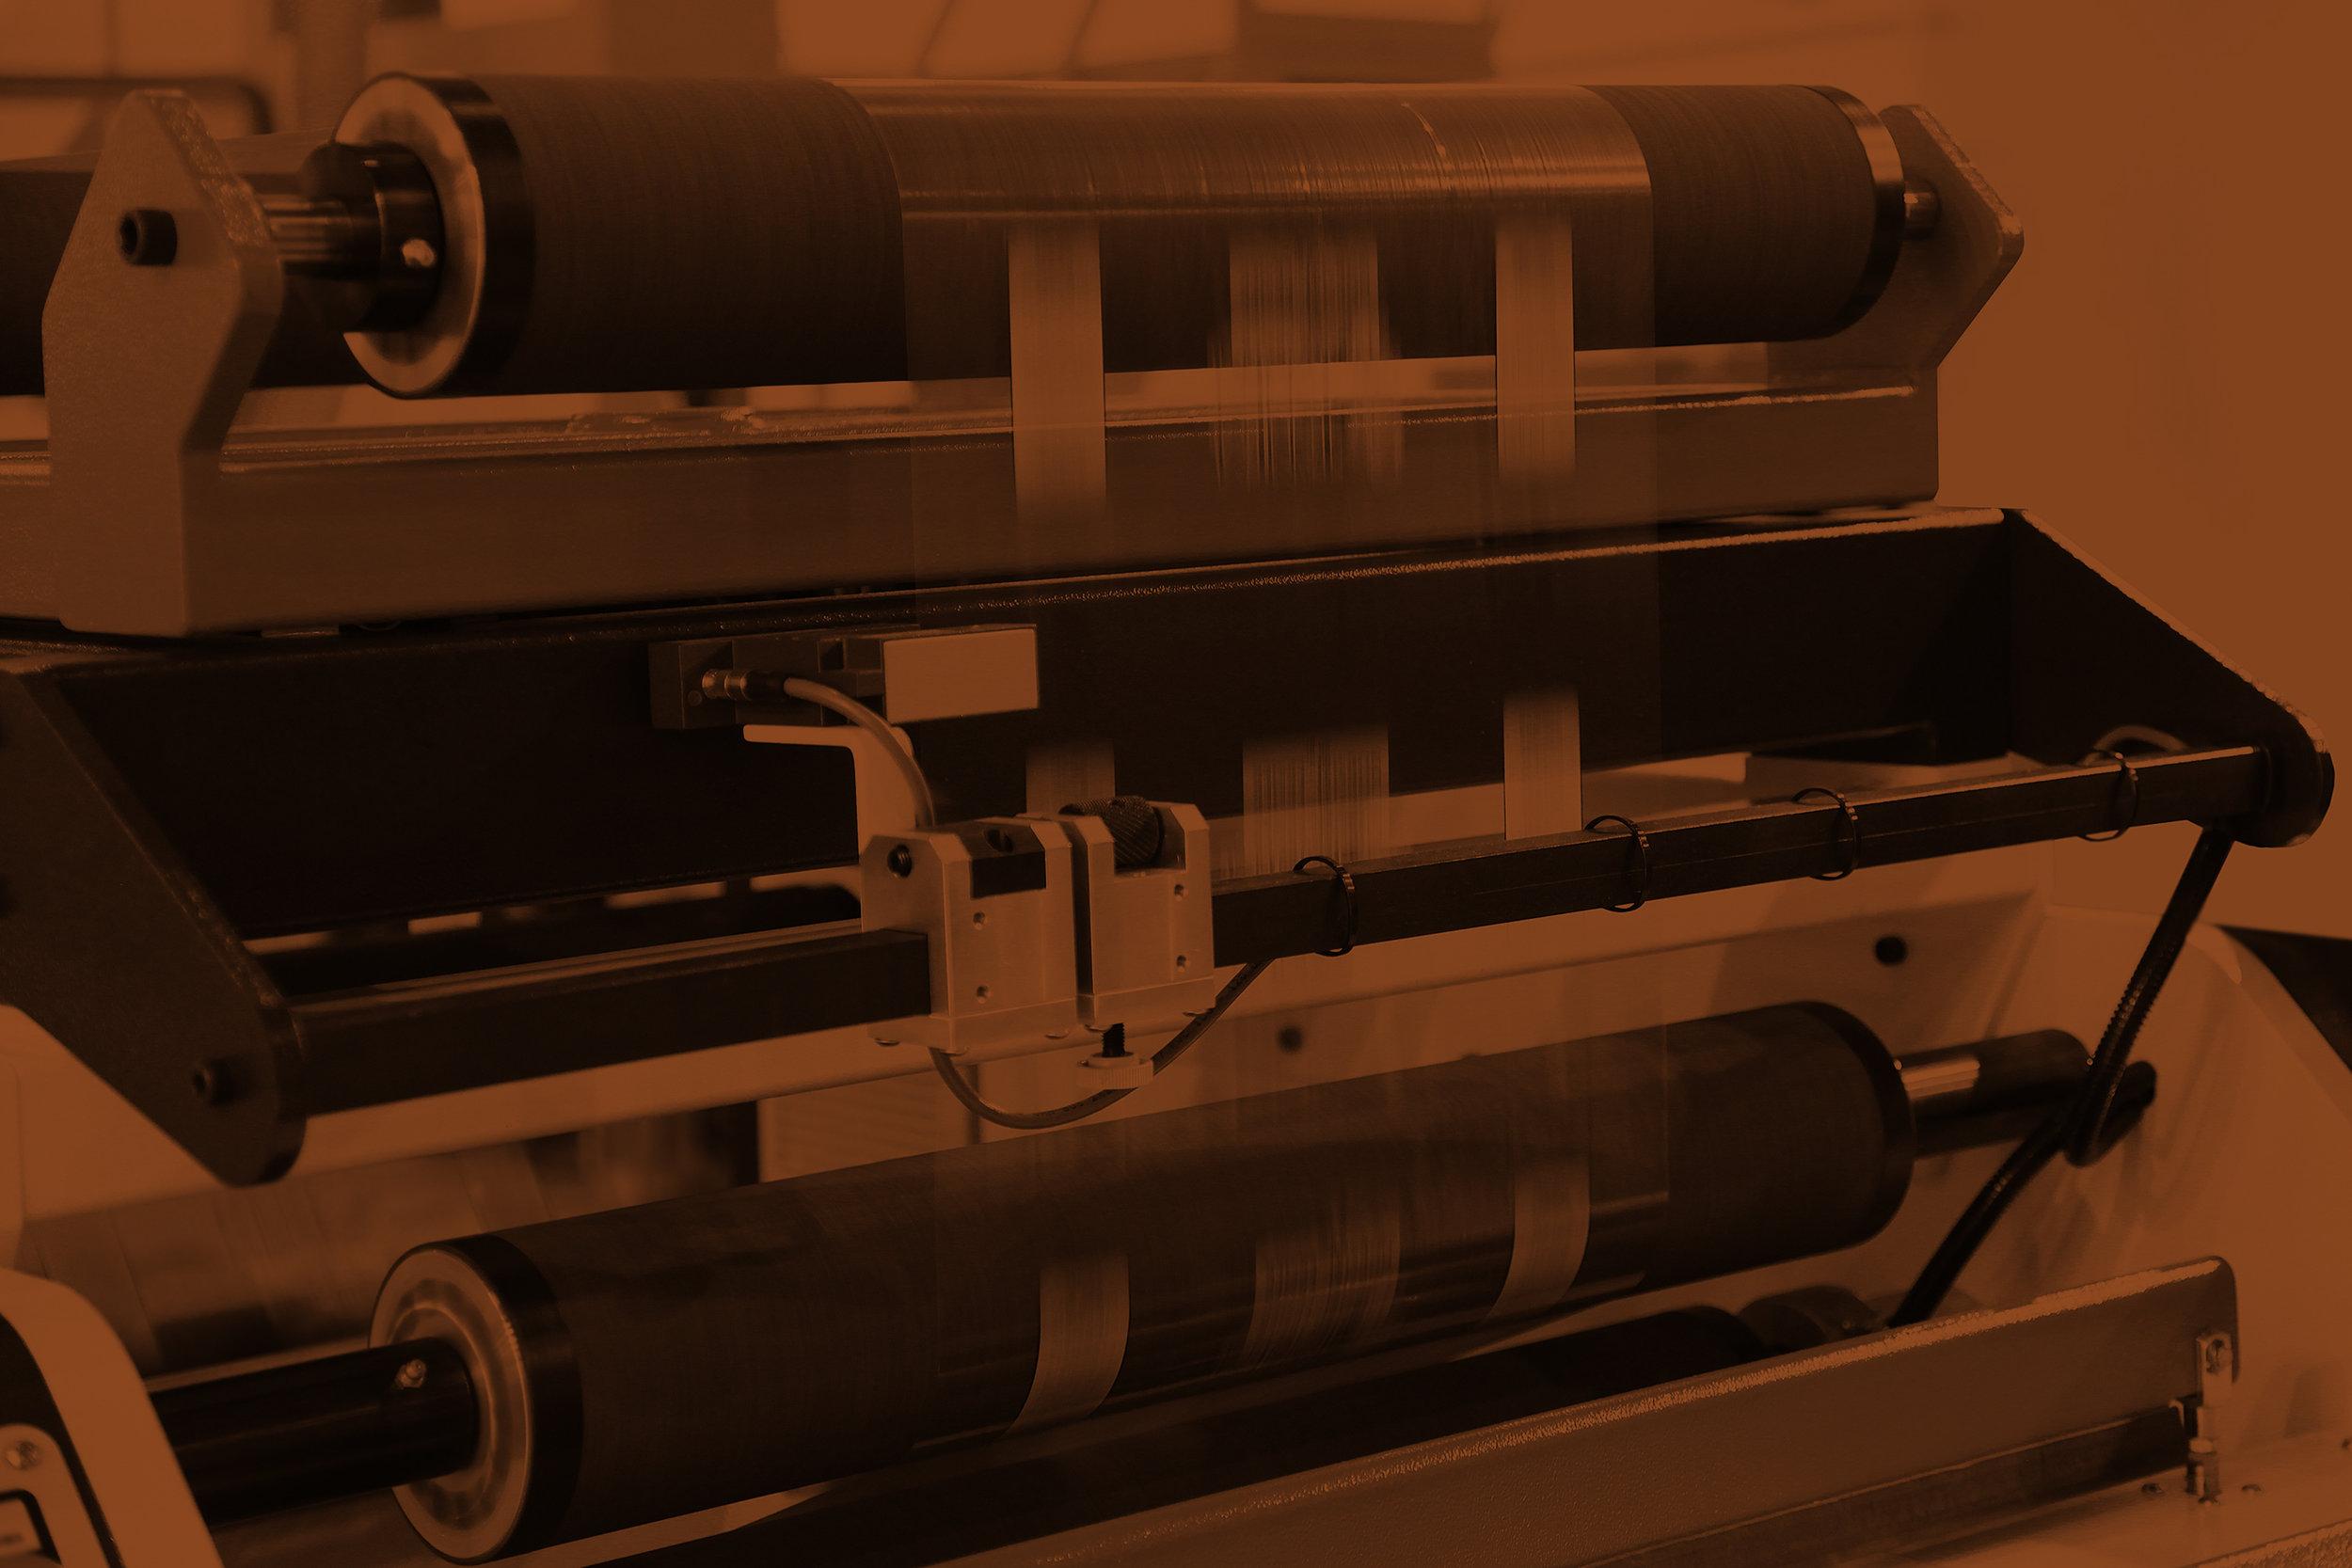 printing-industry-equipment-EZX5LAH_color.jpg